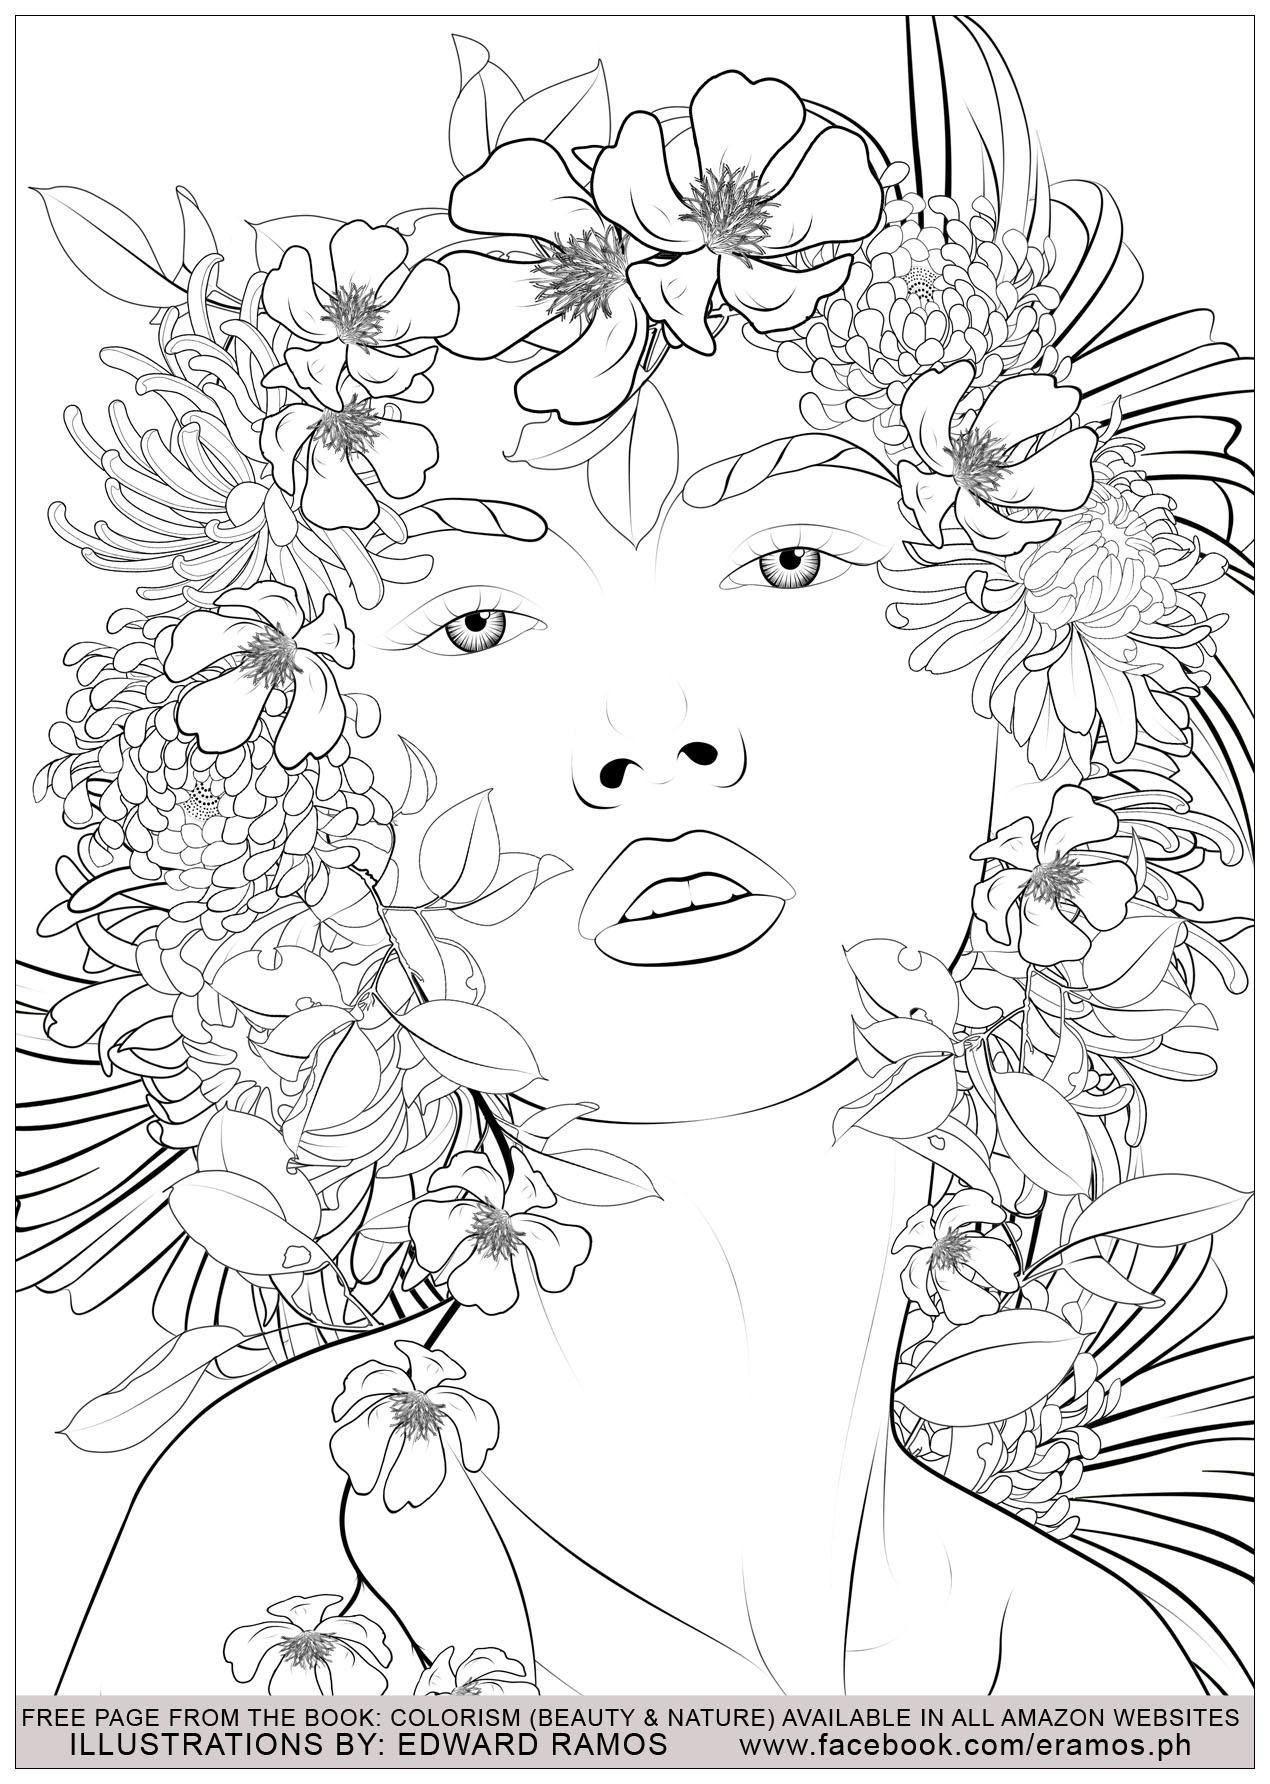 Illustration tirée du livre ' Colorism: Beauty & Nature' d'Edward Ramos - 6